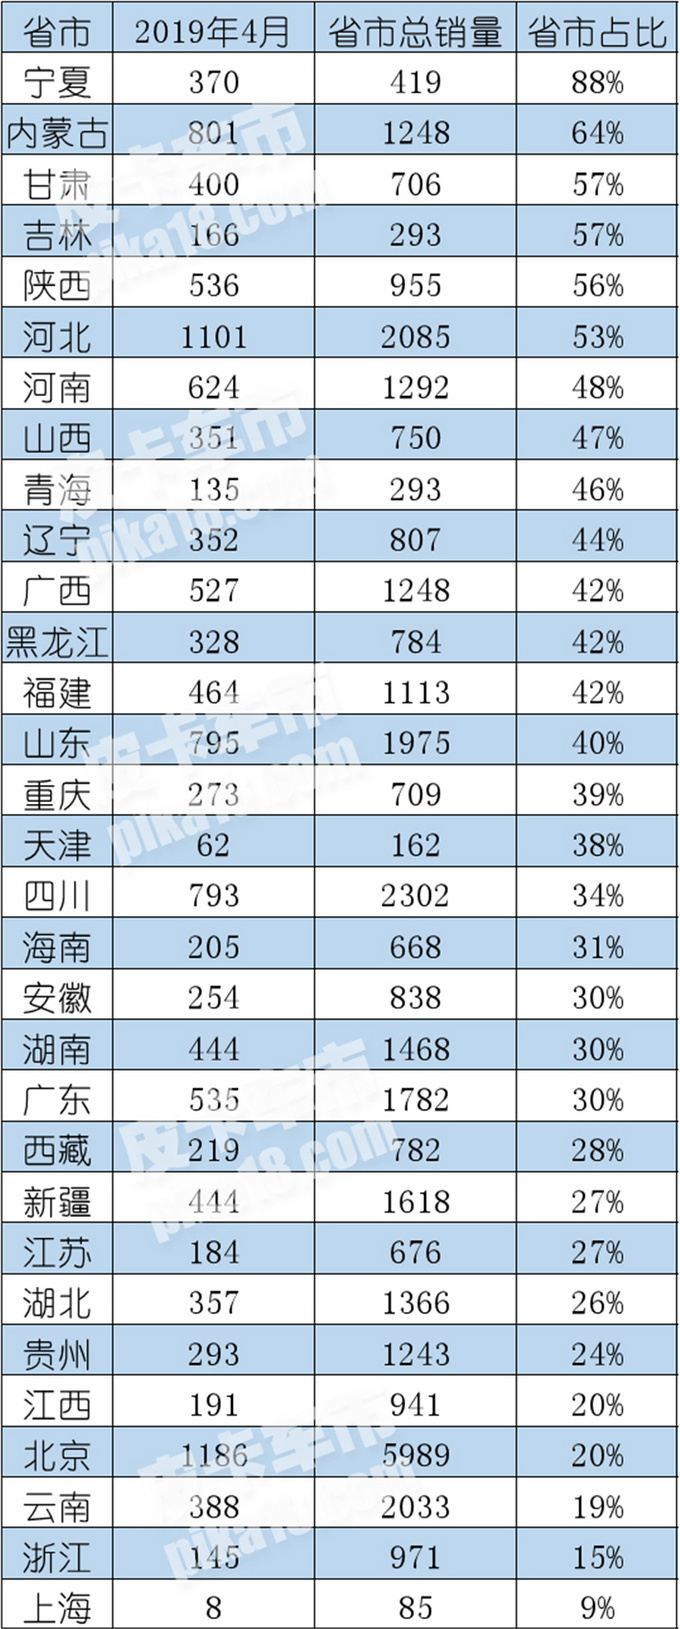 风骏市占率65长城皮卡4月终端销量分析-图5